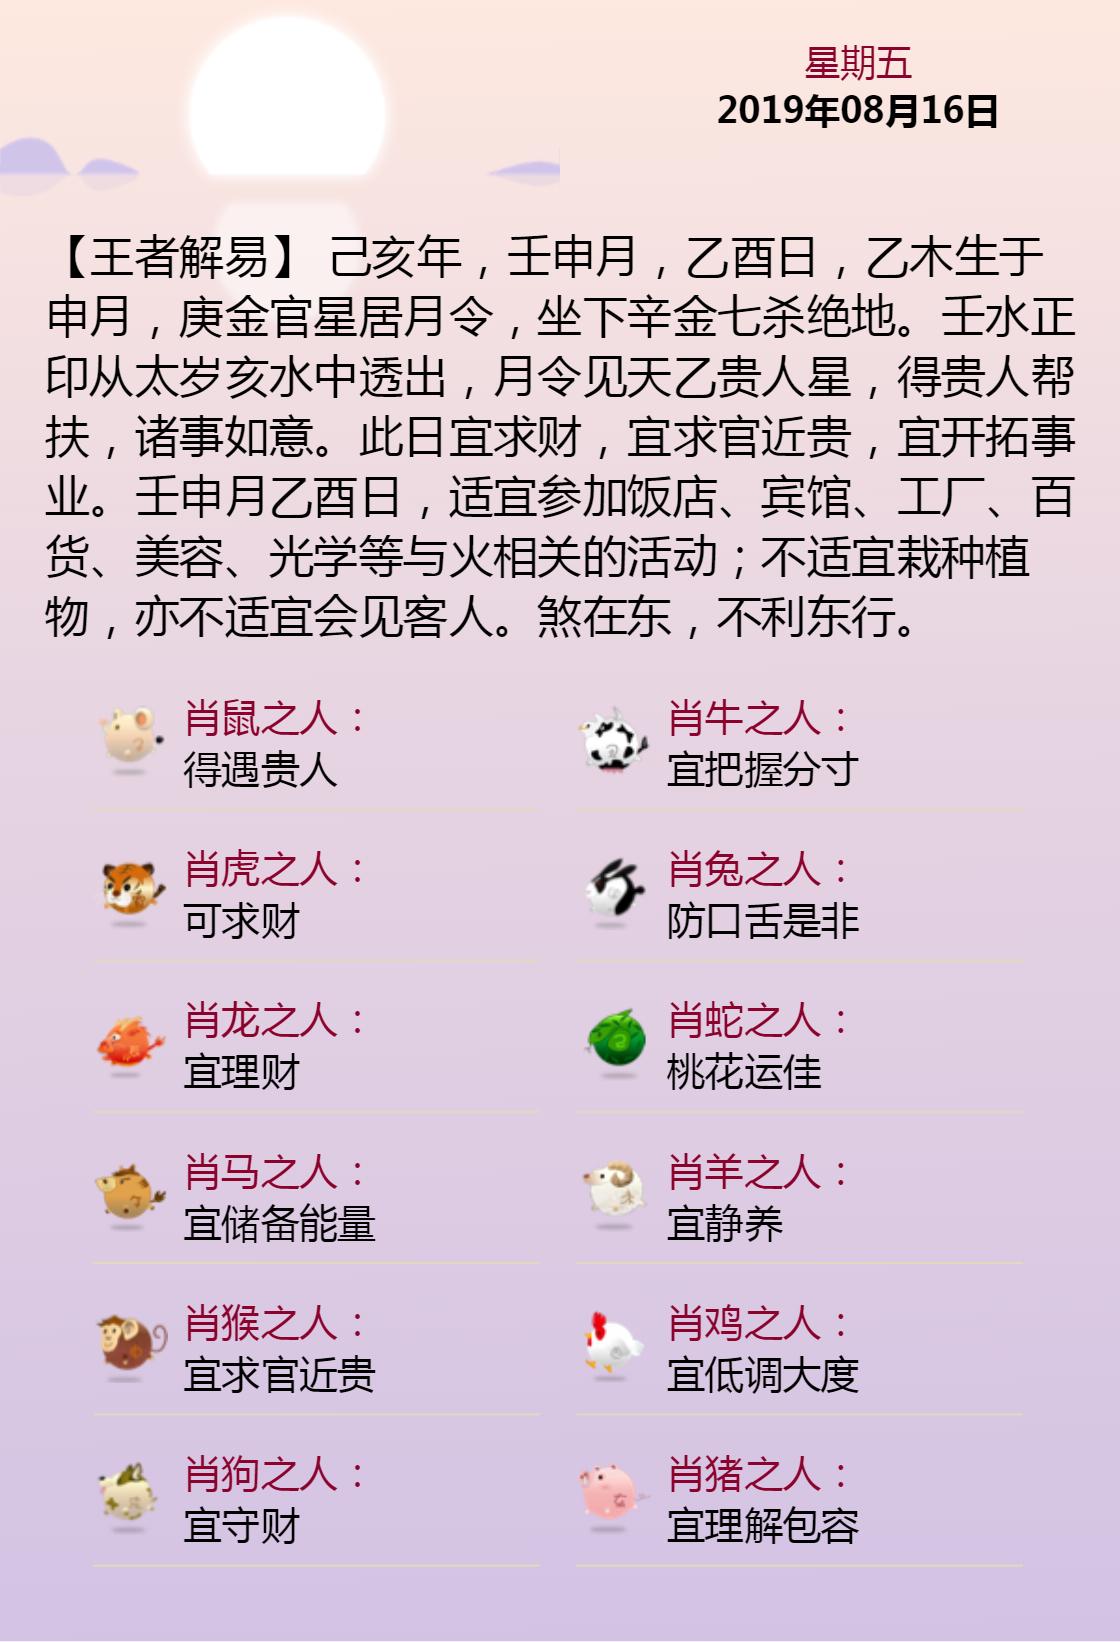 黄历海报20190816.png